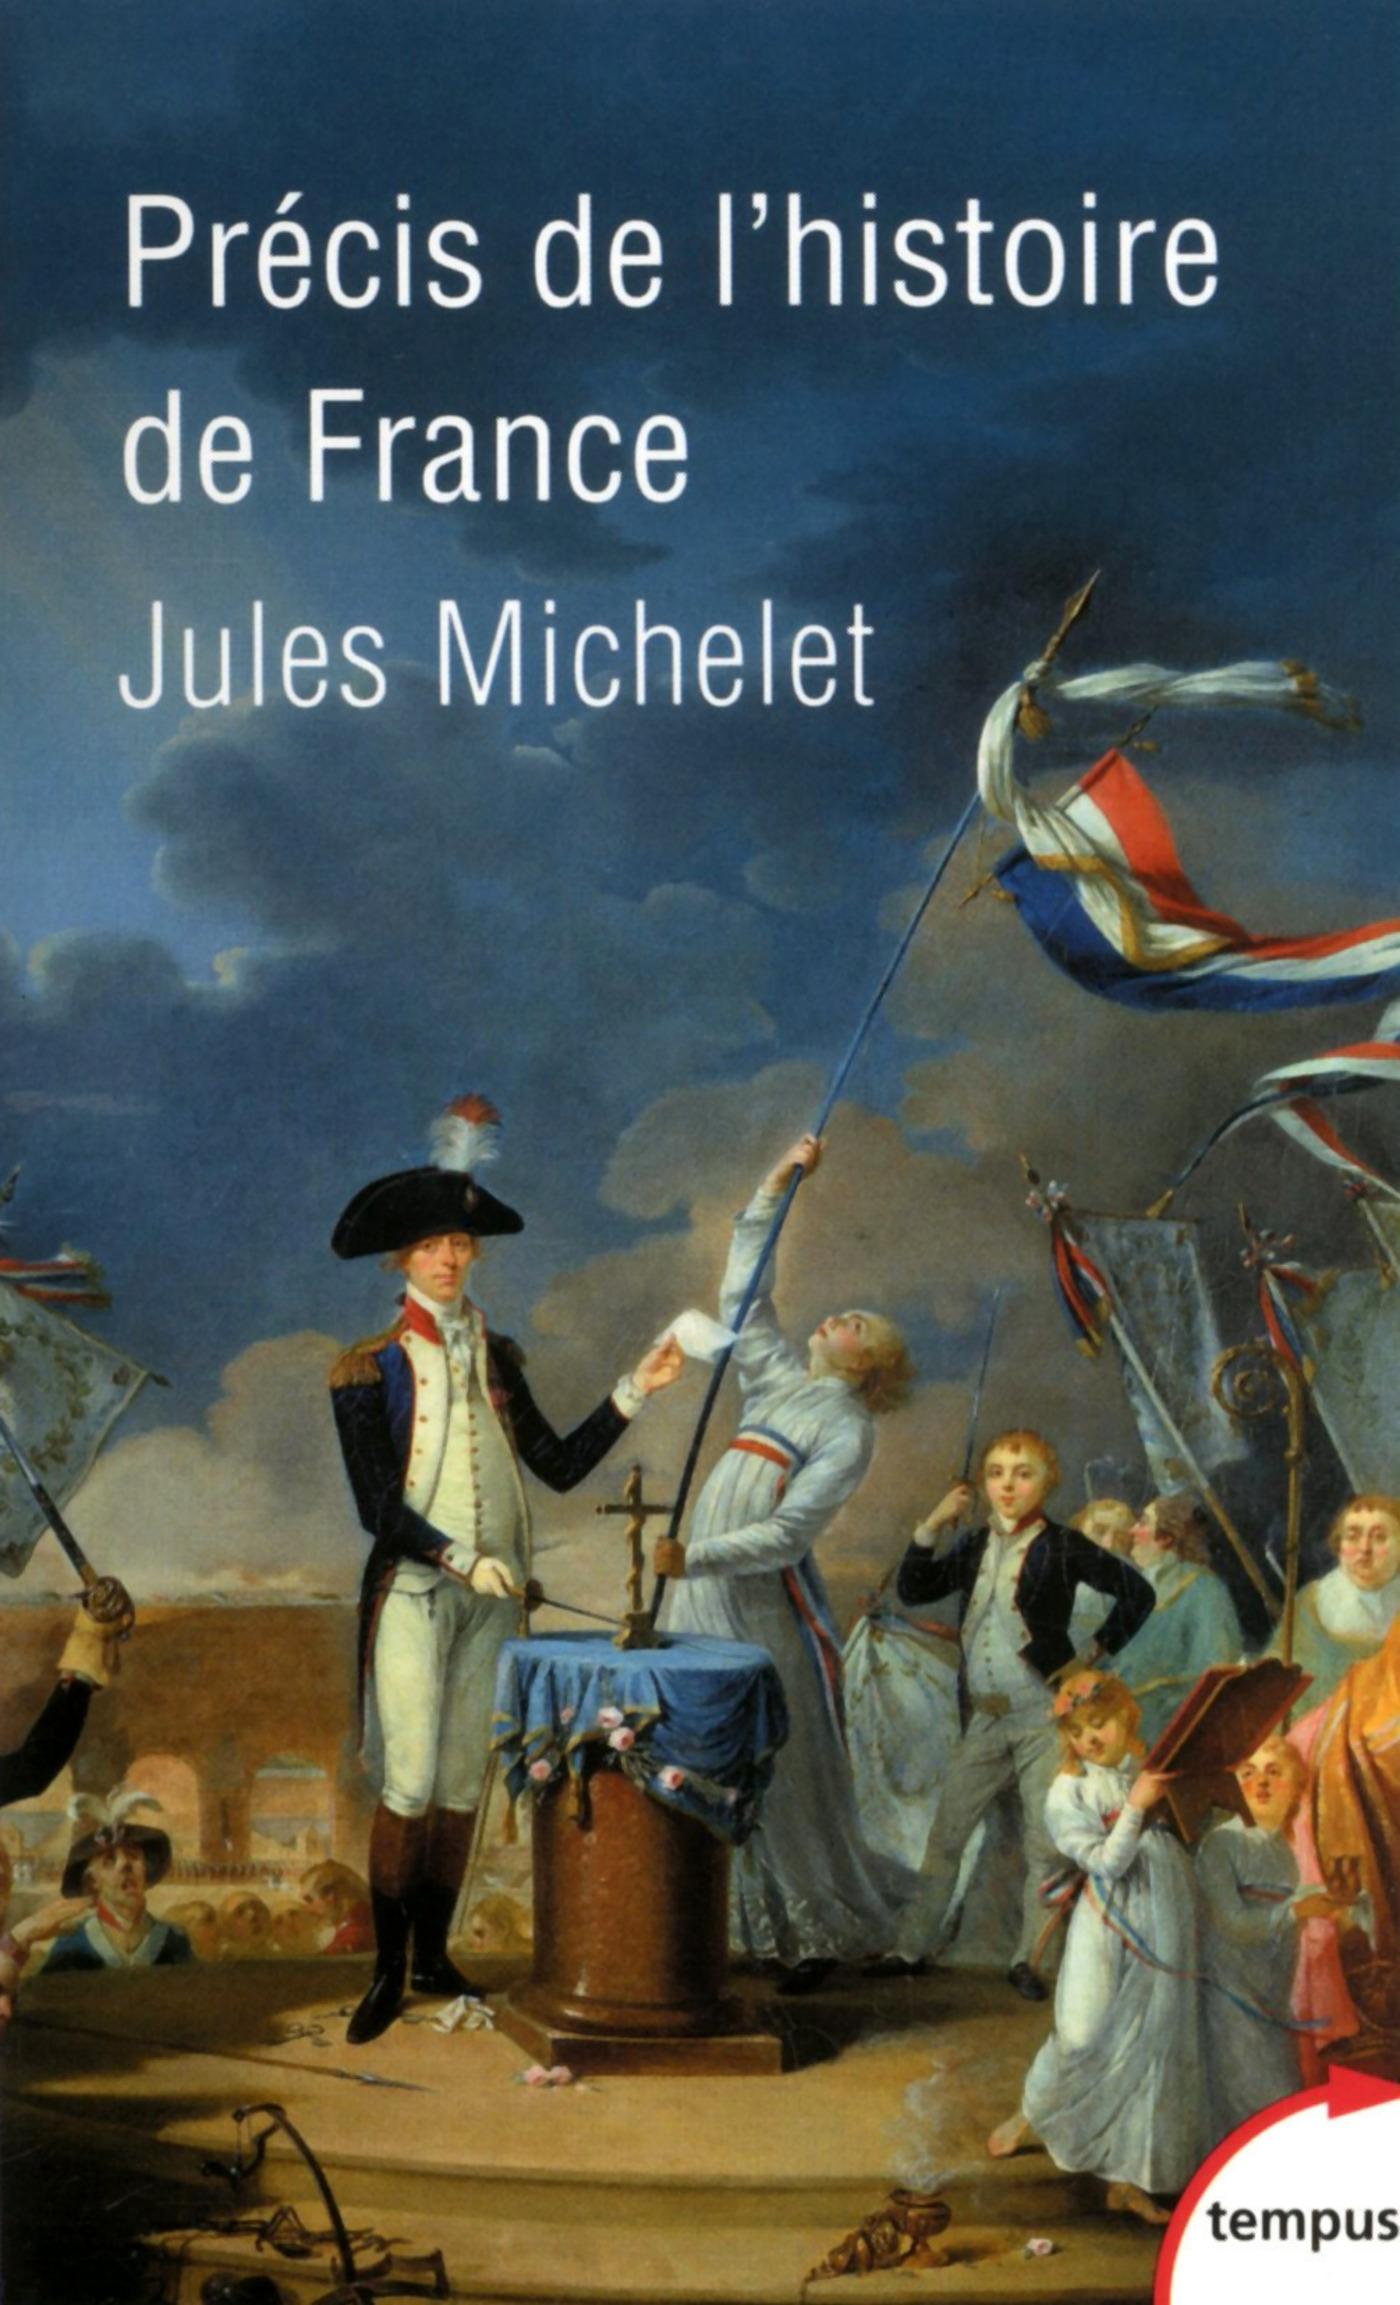 Pr?cis de l'histoire de France